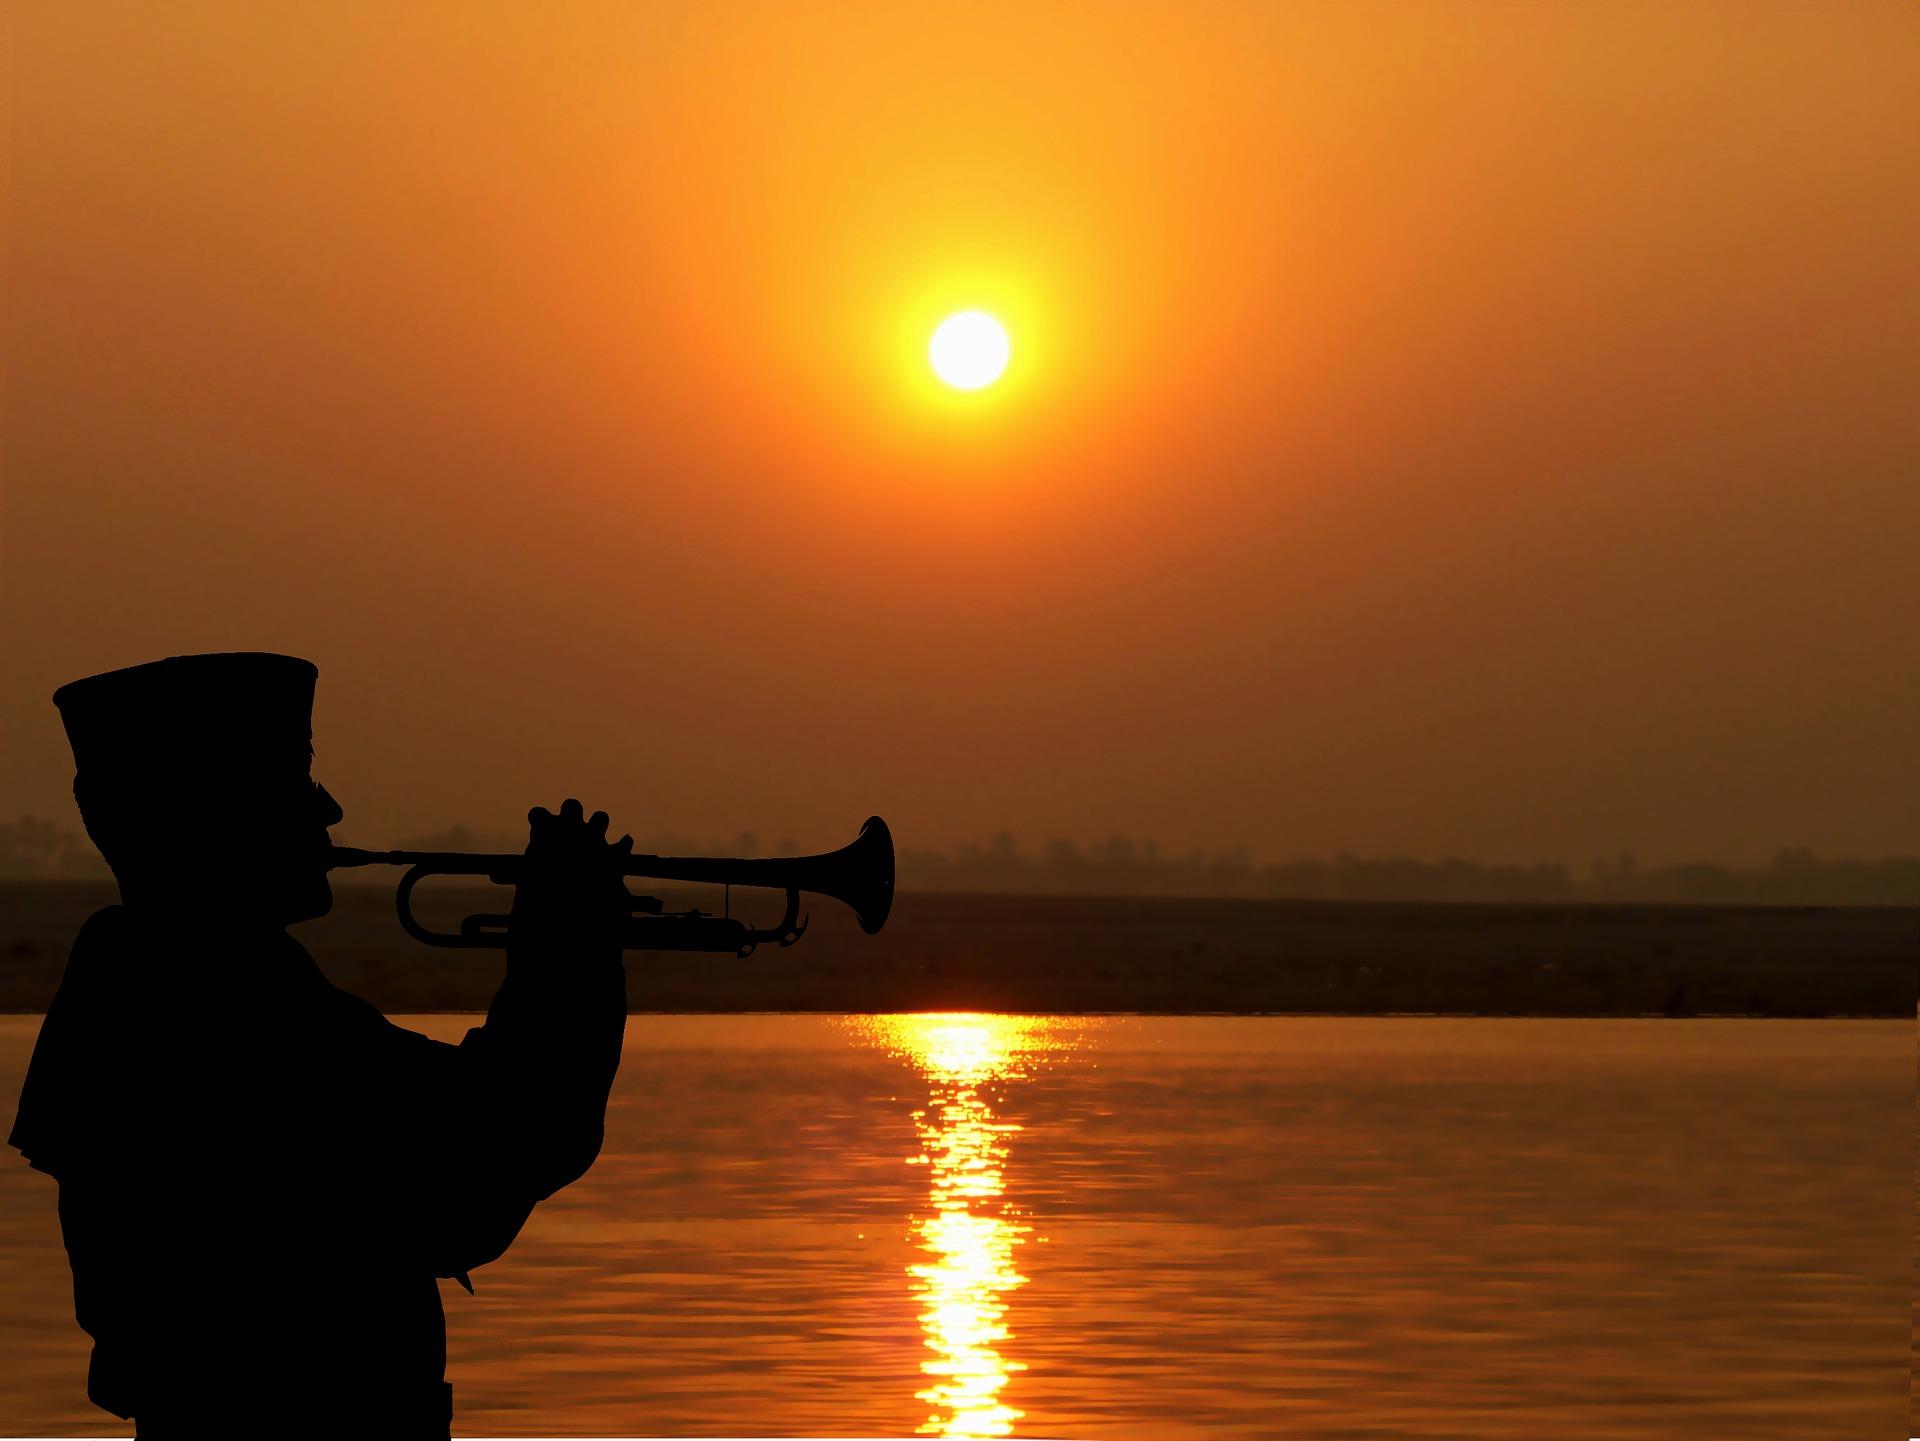 Zgodba za lepši dan: Moč glasbe